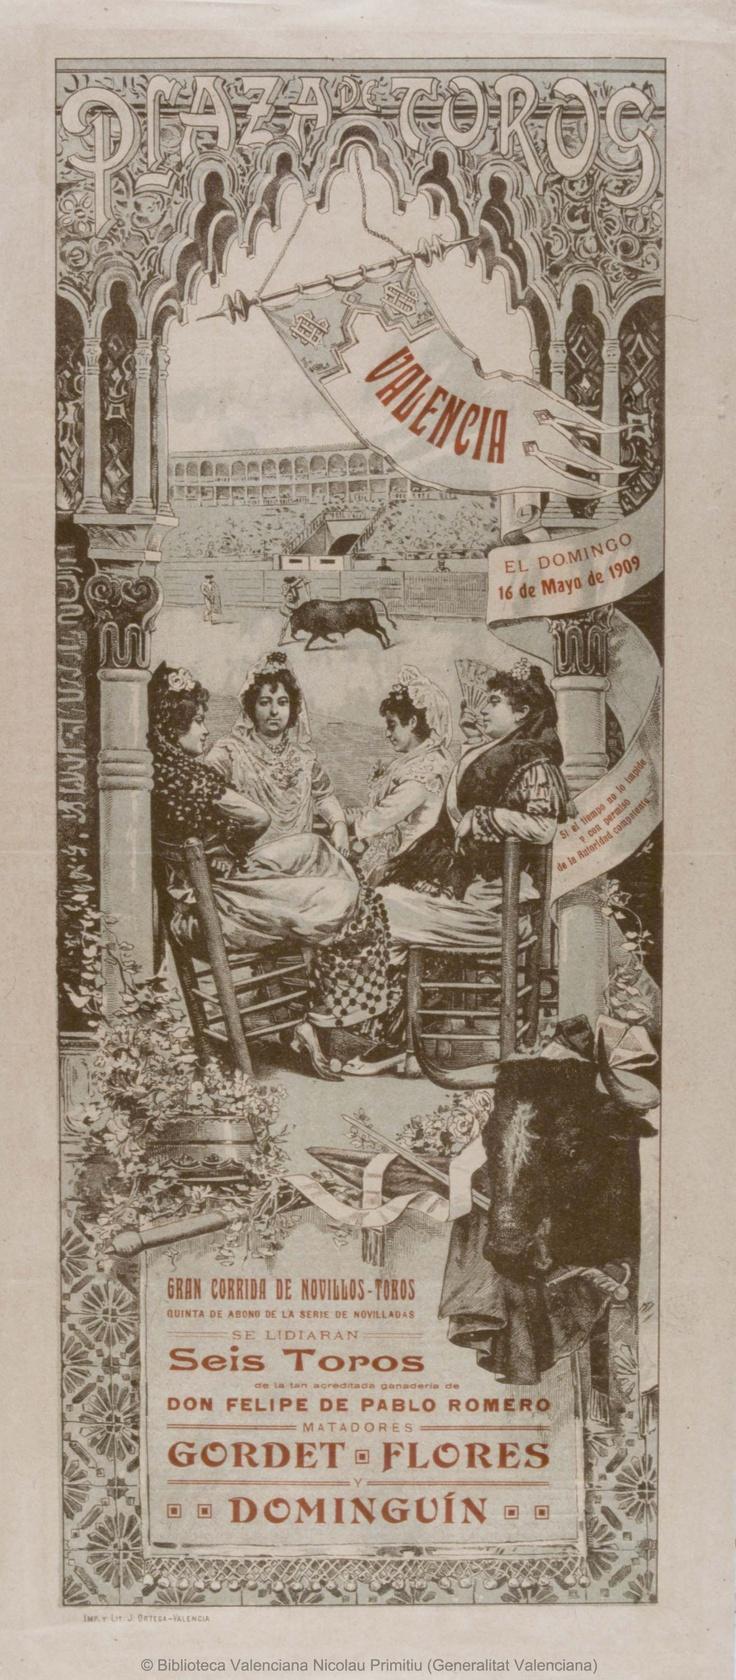 Anónimo. (S. XX) Plaza de Toros Valencia [Material gráfico] : El Domingo 16 de Mayo de 1909 ... : Gran corrida de novillos-toros ... — [S.l. : s.n., 1909?] (Valencia : Imp. y Lit. J. Ortega) 1 lám. (cartel) : col. ; 50 x 22 cm